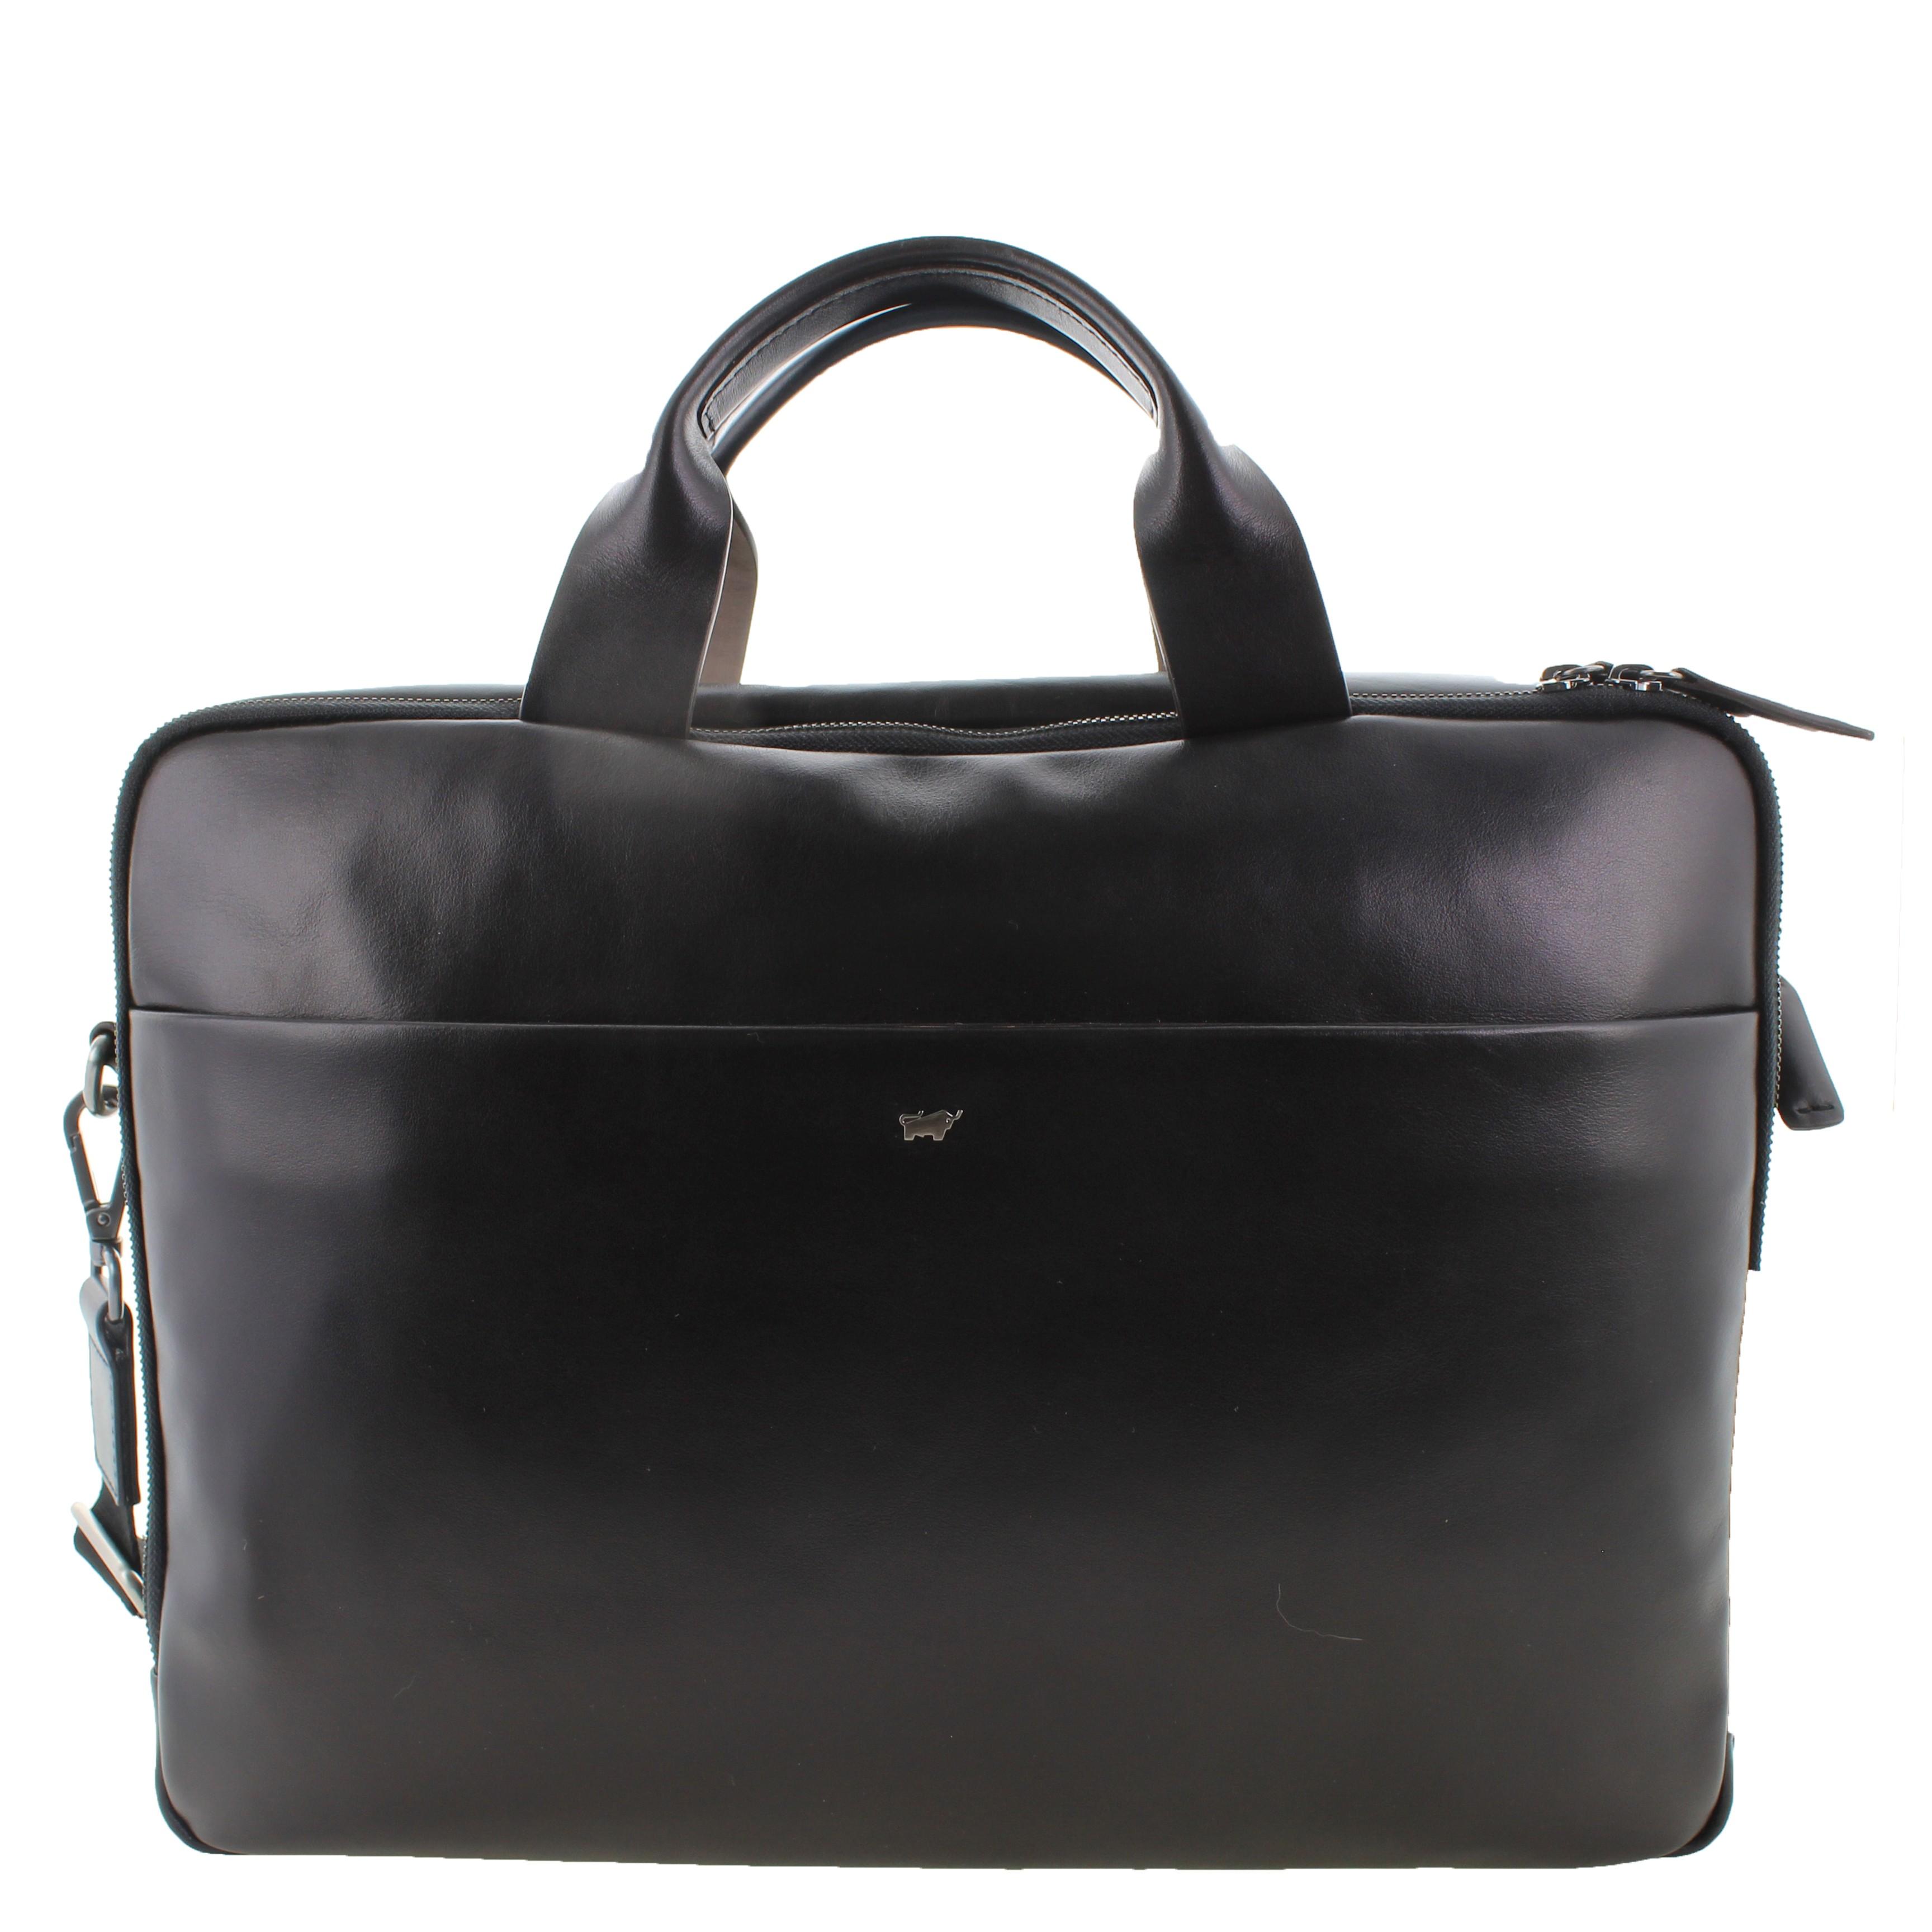 businesstasche-l-livorno-schwarz-glattes Rindleder-67166-683-010-31